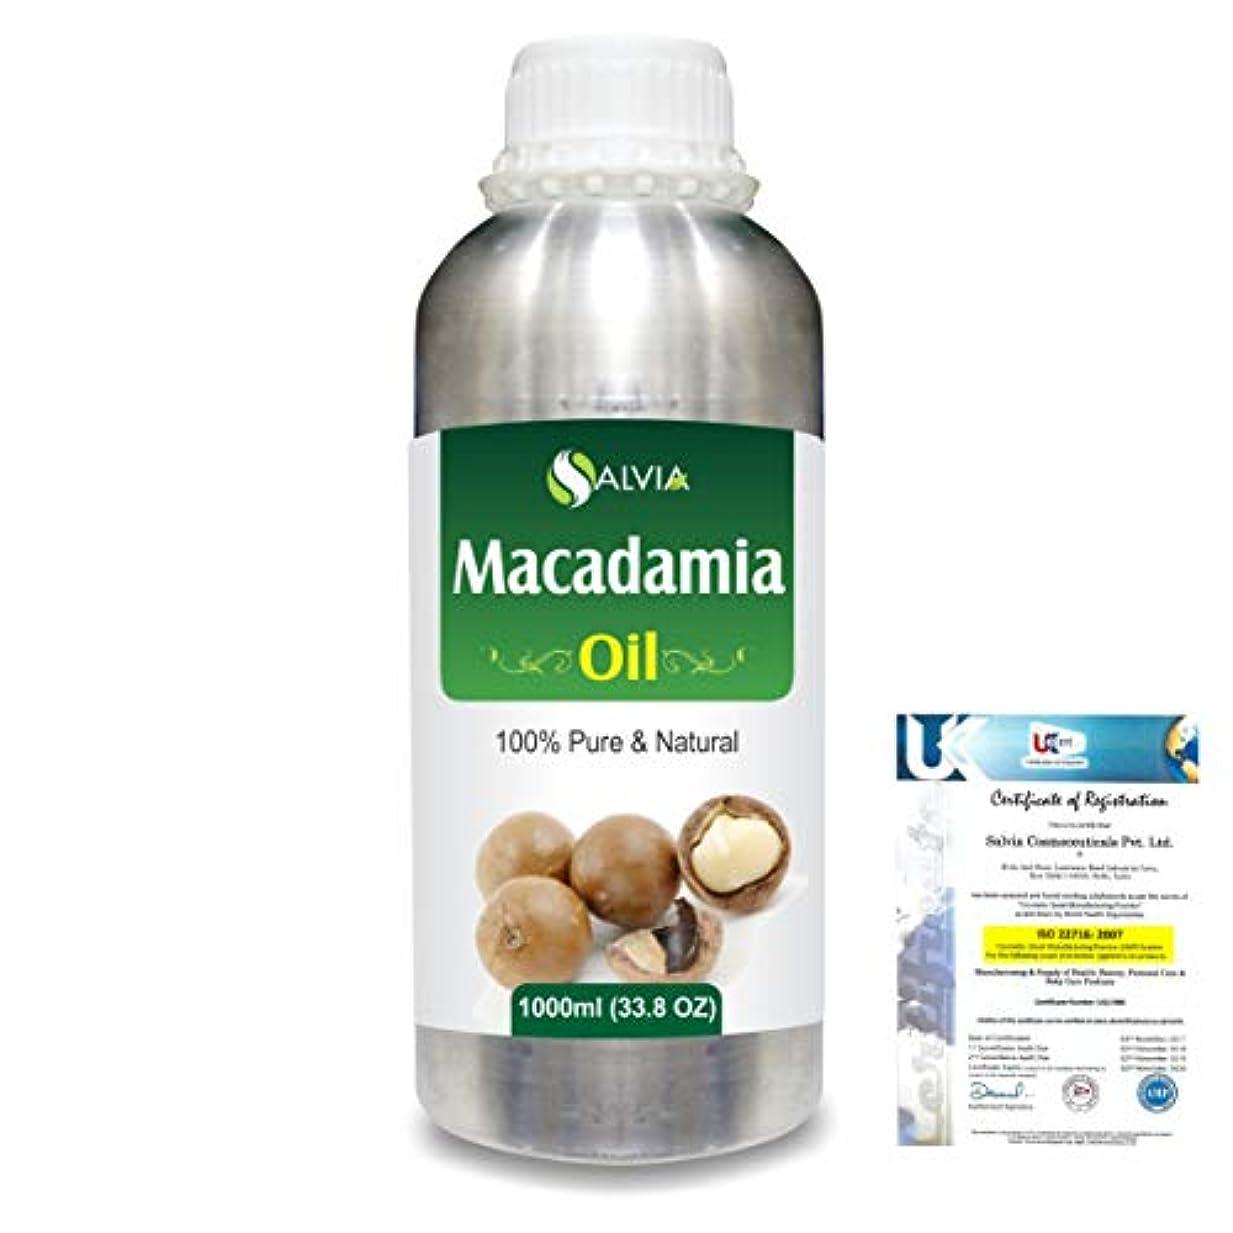 バリア利用可能キリスト教Macadamia (Macadamia Integrifolia) Natural Pure Undiluted Uncut Carrier Oil 1000ml/33.8 fl.oz.